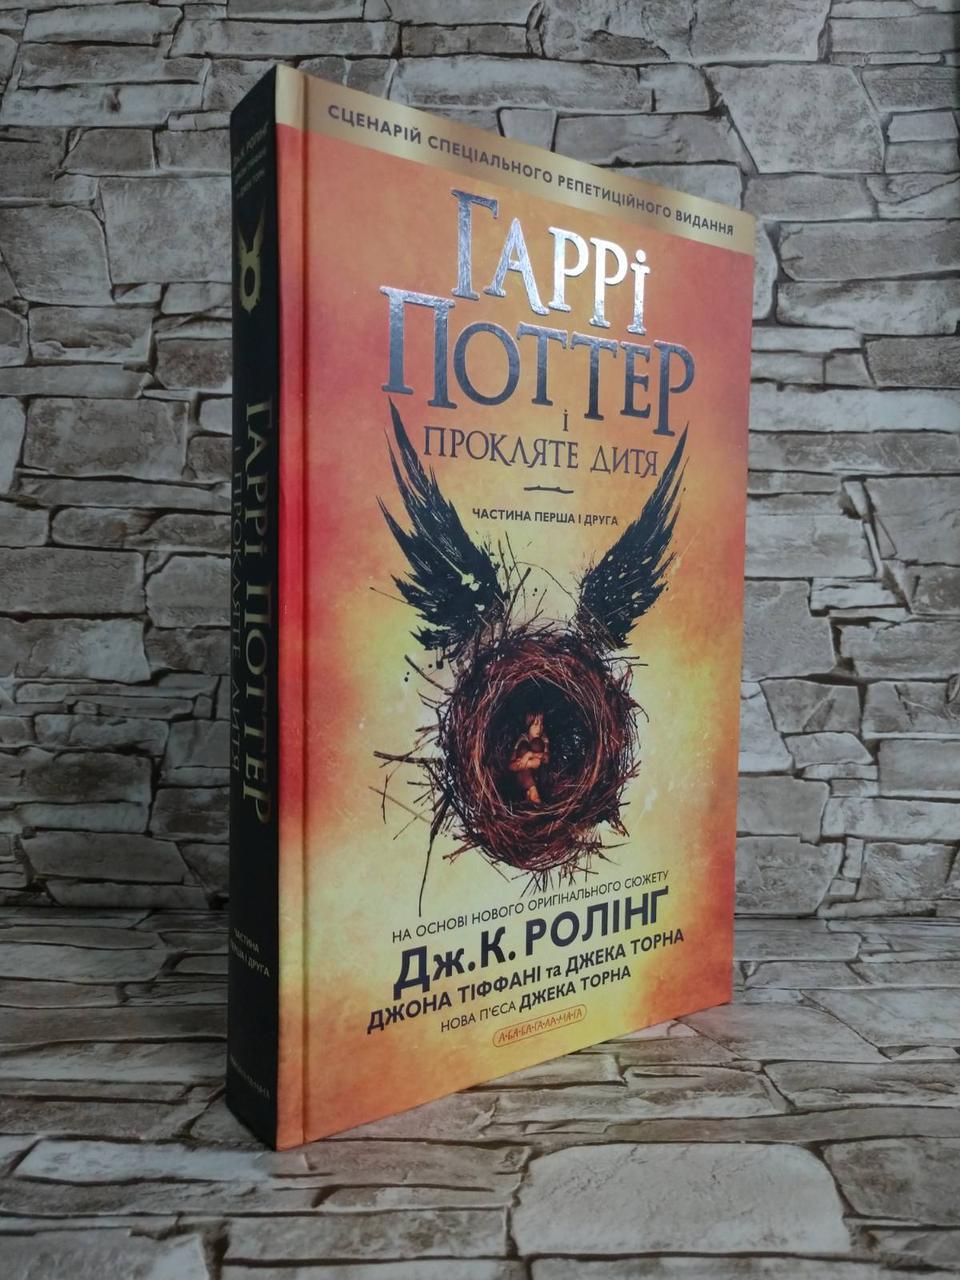 """Книга """"Гаррі Поттер і прокляте дитя"""" Дж.К. Роулинг"""